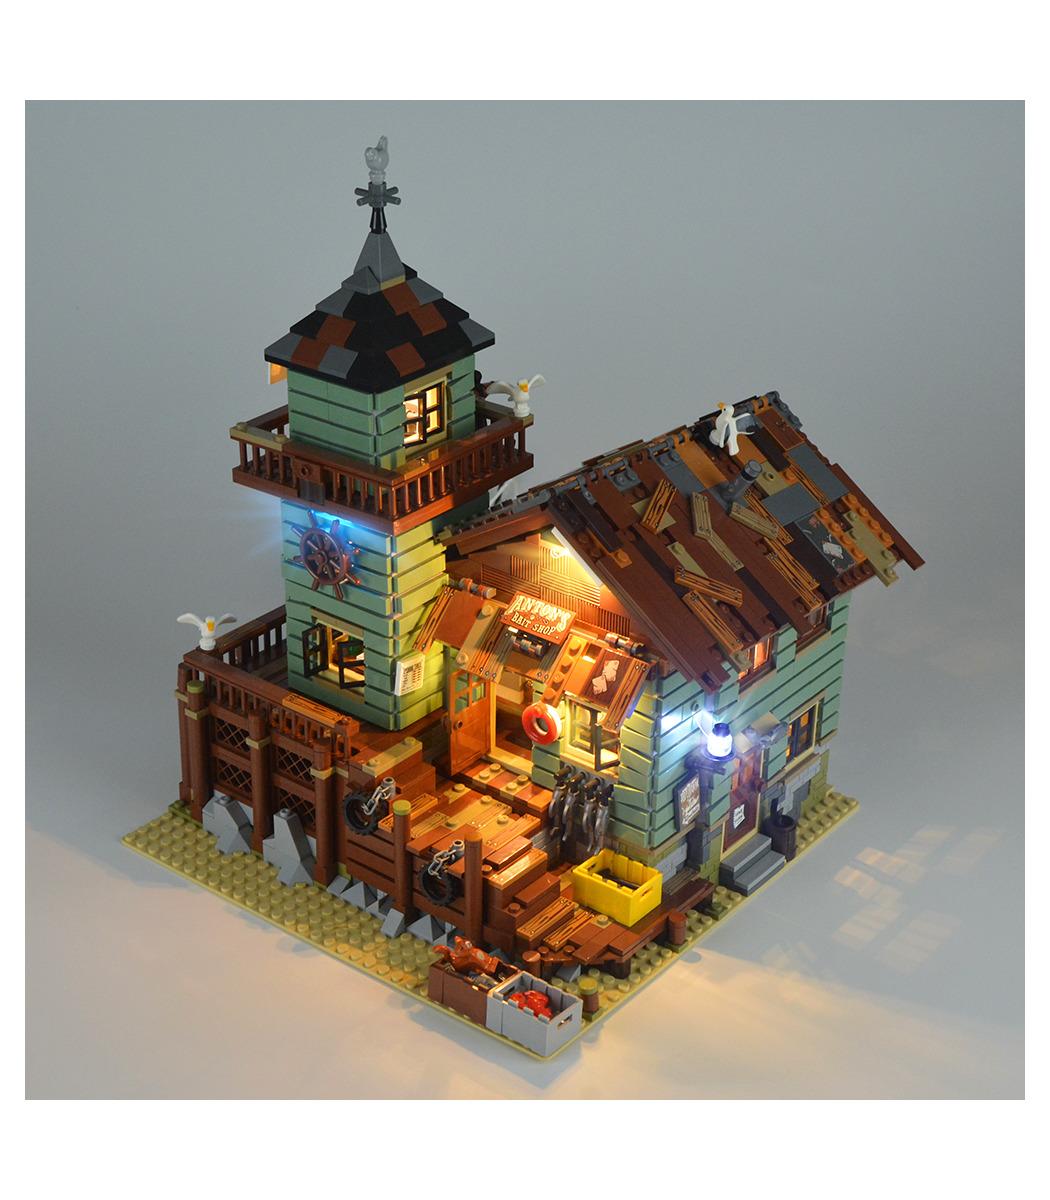 USB LED Licht Beleuchtungs Set Für Lego 21310 Fishing Store Bausteine DIY